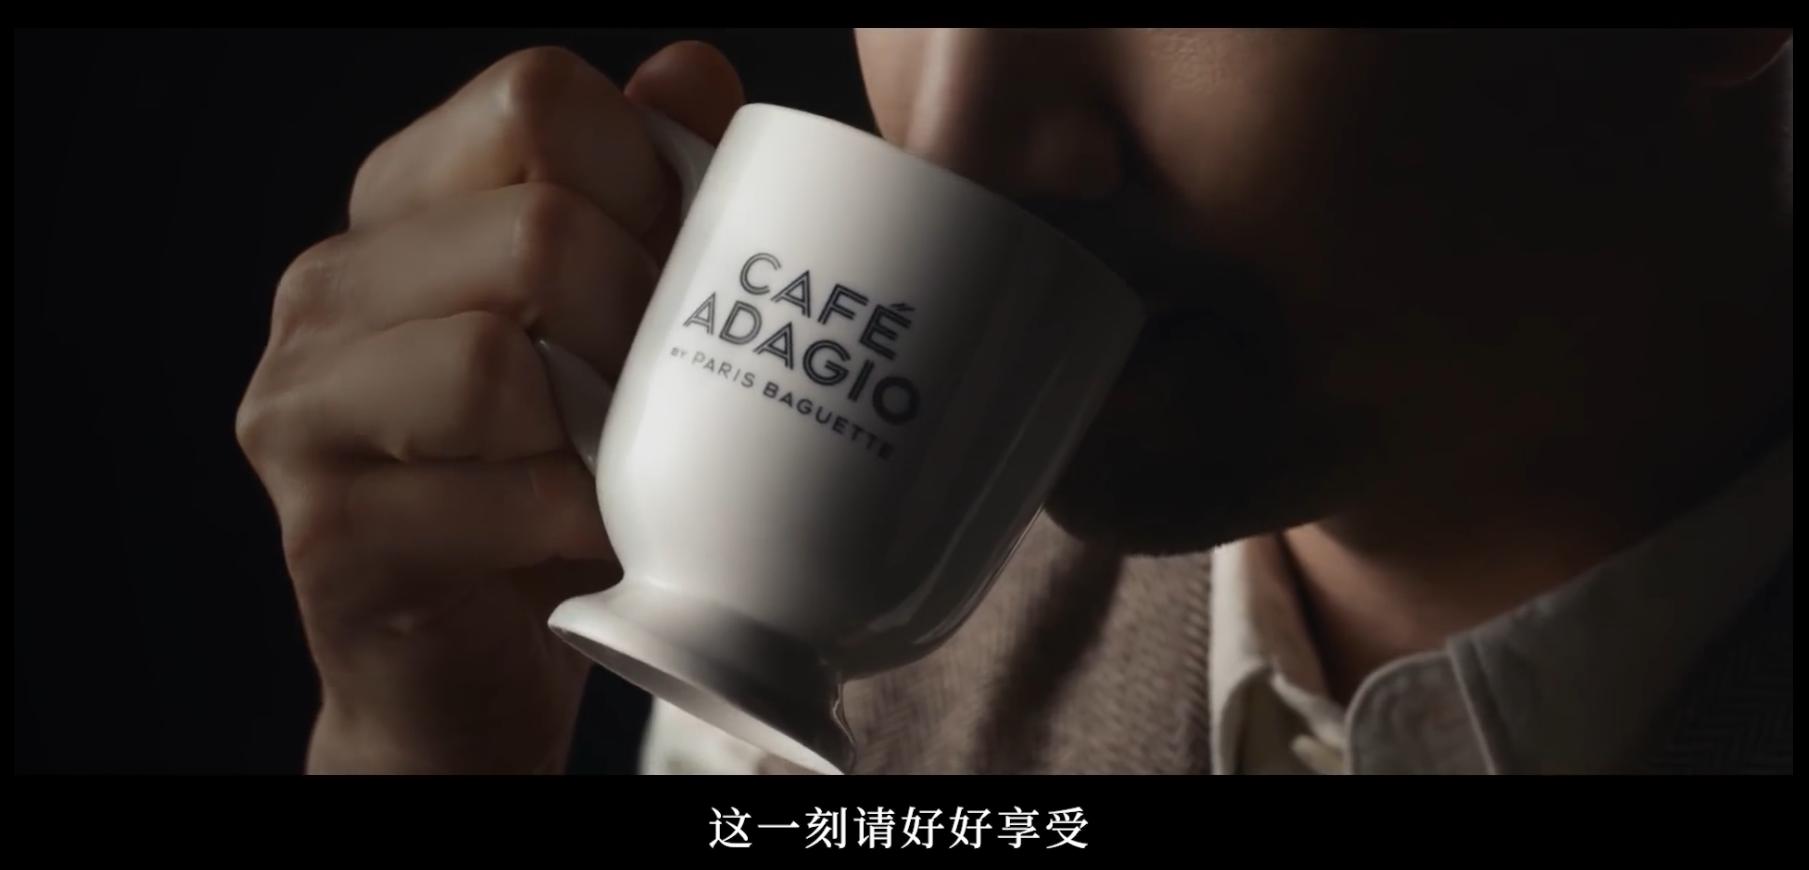 这一杯为你而来 | 新品艾达吉奥咖啡豆上新